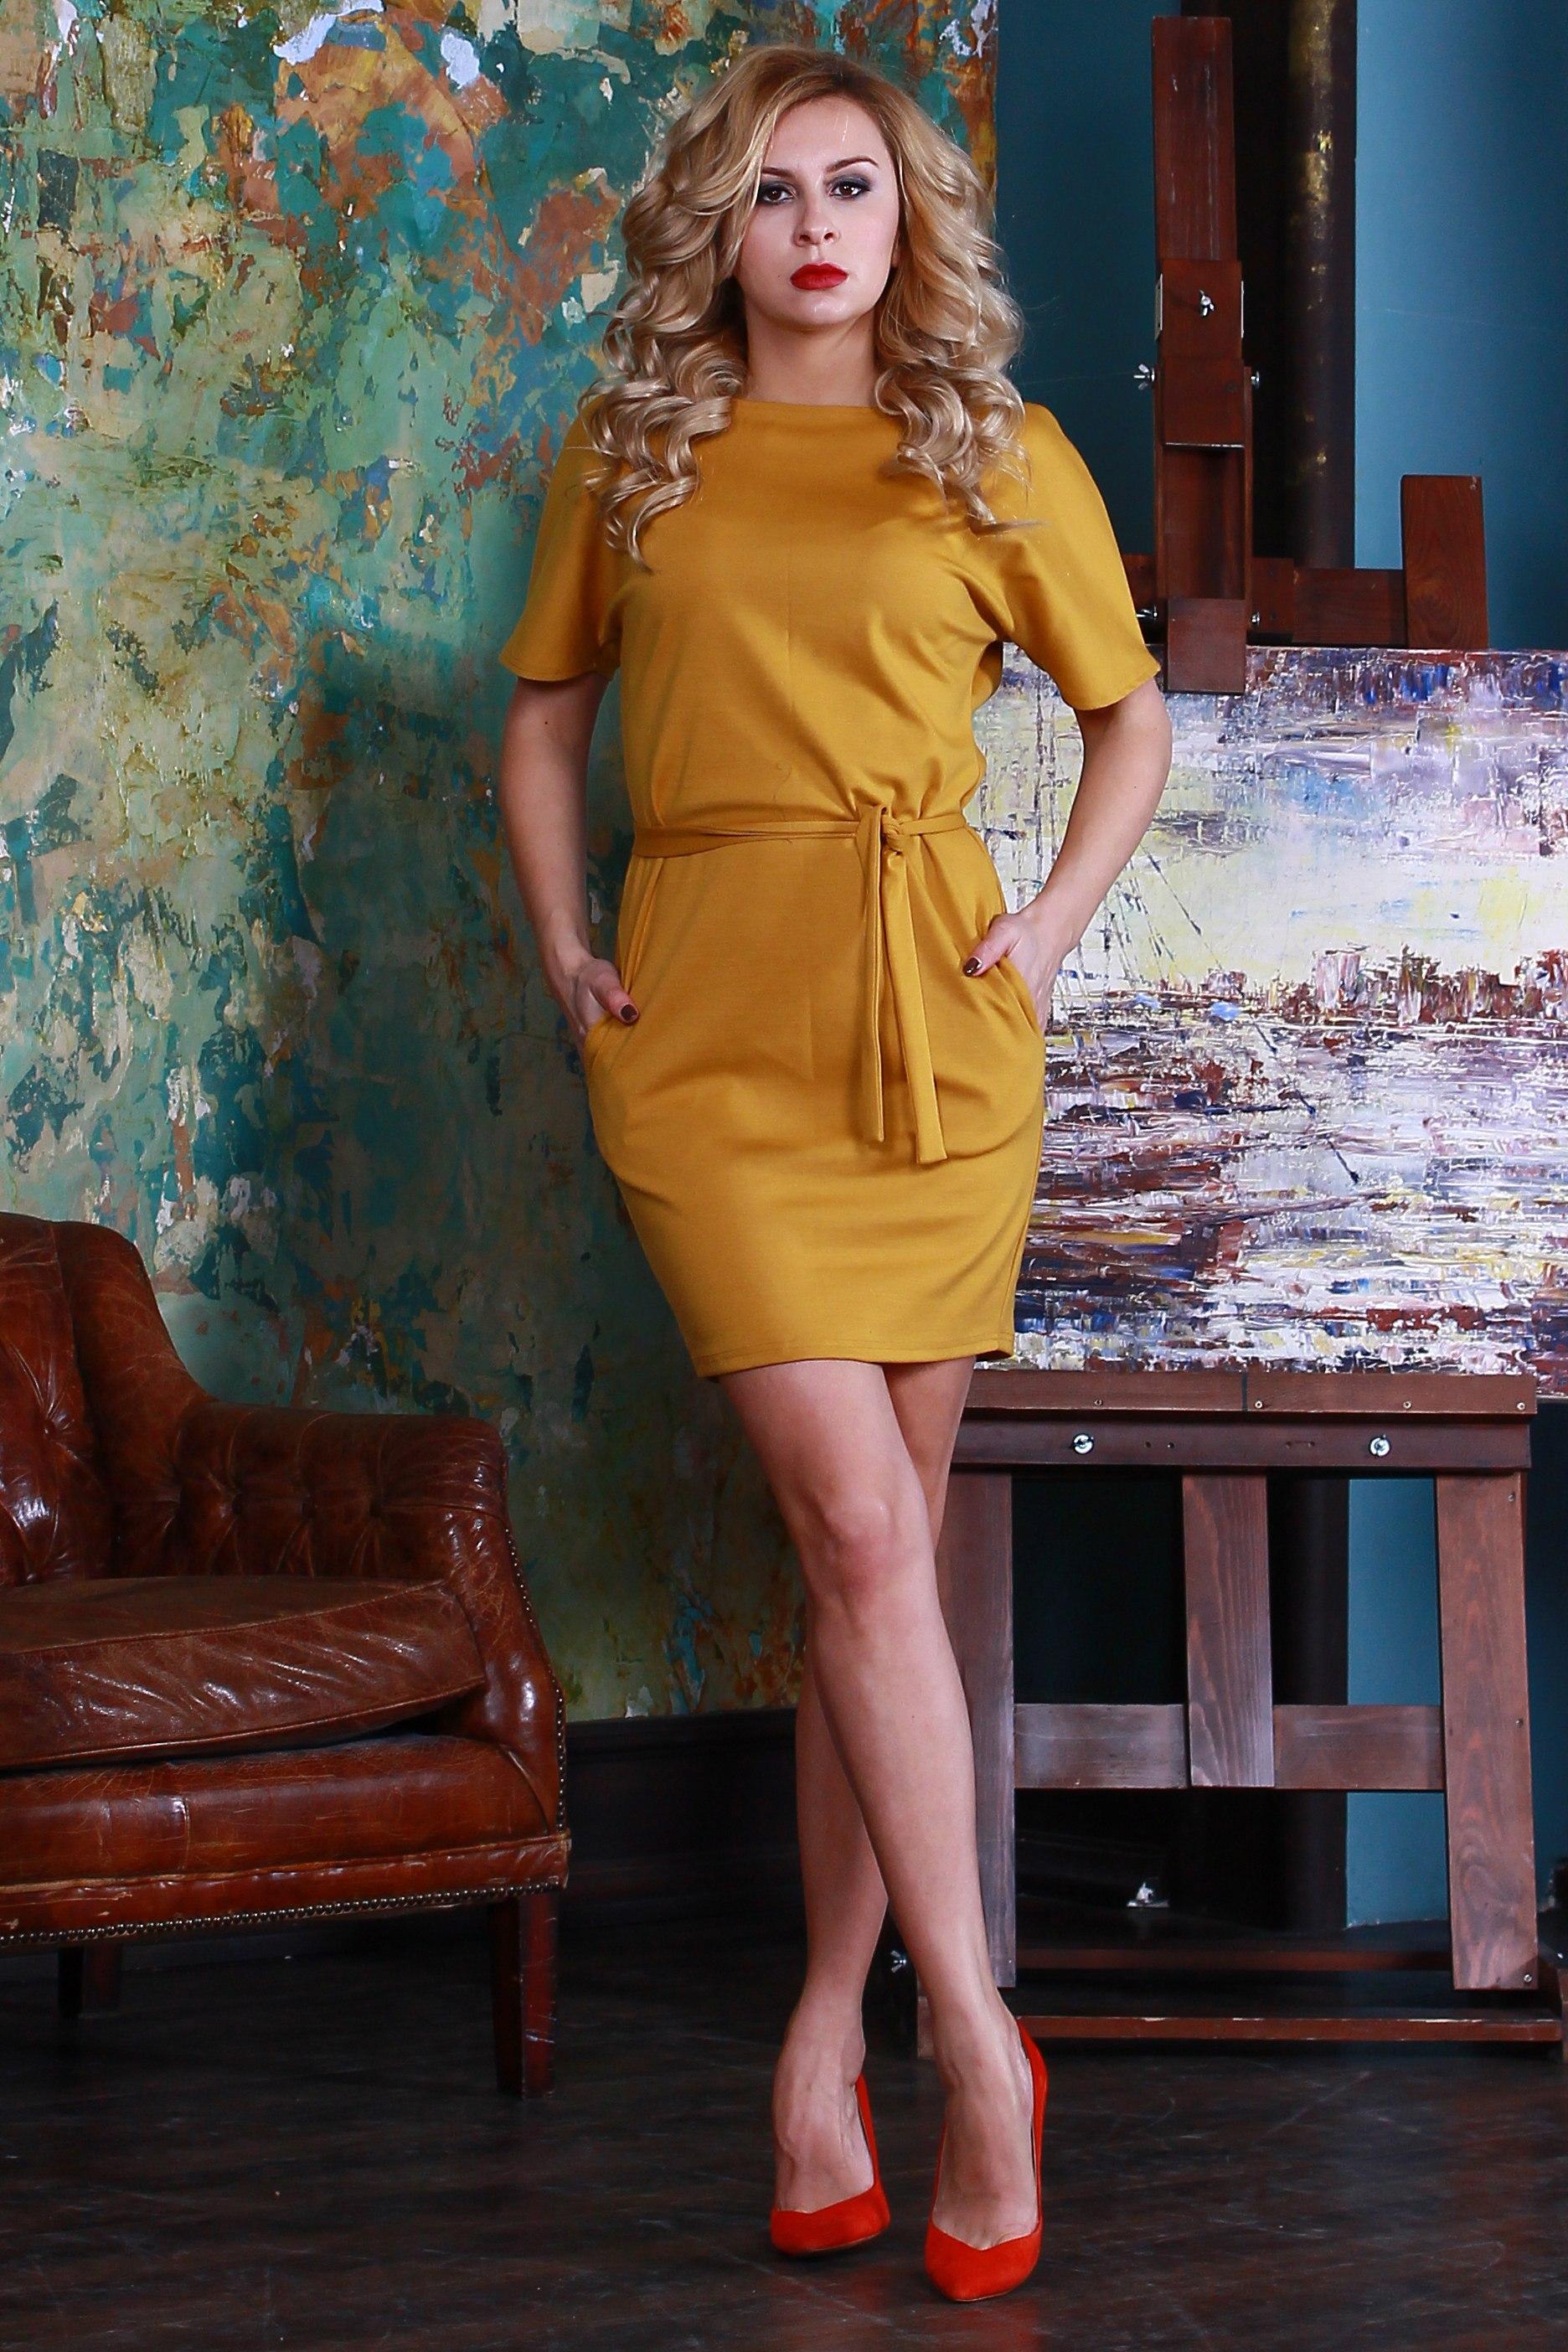 ПлатьеПлатья<br>Платье из плотного джерси прилегающего силуэта, со спущенной линией плеча и внутренними боковыми карманами, вырез - лодочка.  Платье без пояса.  Длина изделия от 87 см до 93 см, в зависимости от размера.  Цвет: горчичный  Рост девушки-фотомодели 175 см<br><br>Горловина: С- горловина<br>По длине: До колена<br>По материалу: Трикотаж<br>По рисунку: Однотонные<br>По силуэту: Полуприталенные<br>По стилю: Повседневный стиль<br>По форме: Платье - футляр<br>Рукав: До локтя<br>По сезону: Осень,Весна,Зима<br>По элементам: С карманами<br>Размер : 42,44,50,54<br>Материал: Трикотаж<br>Количество в наличии: 5